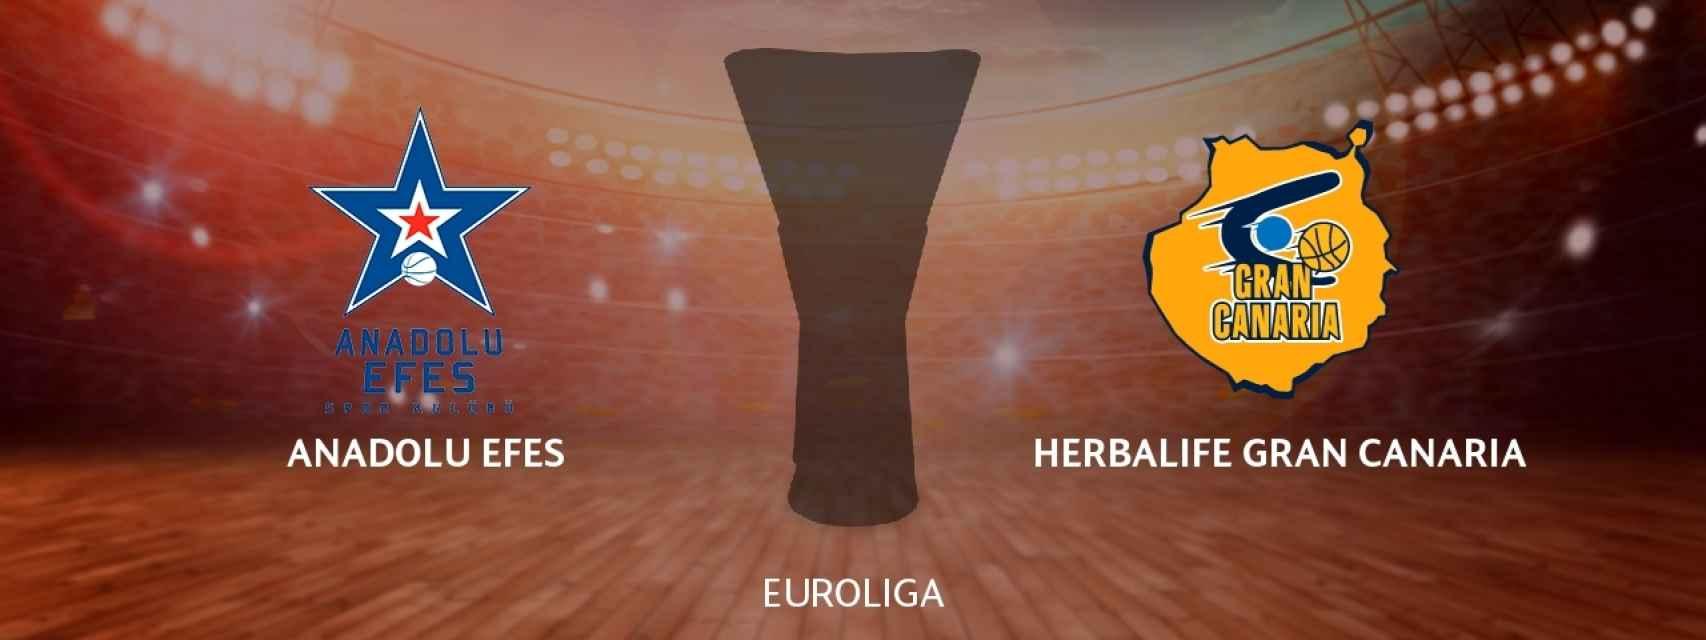 Anadolu Efes - Herbalife Gran Canaria